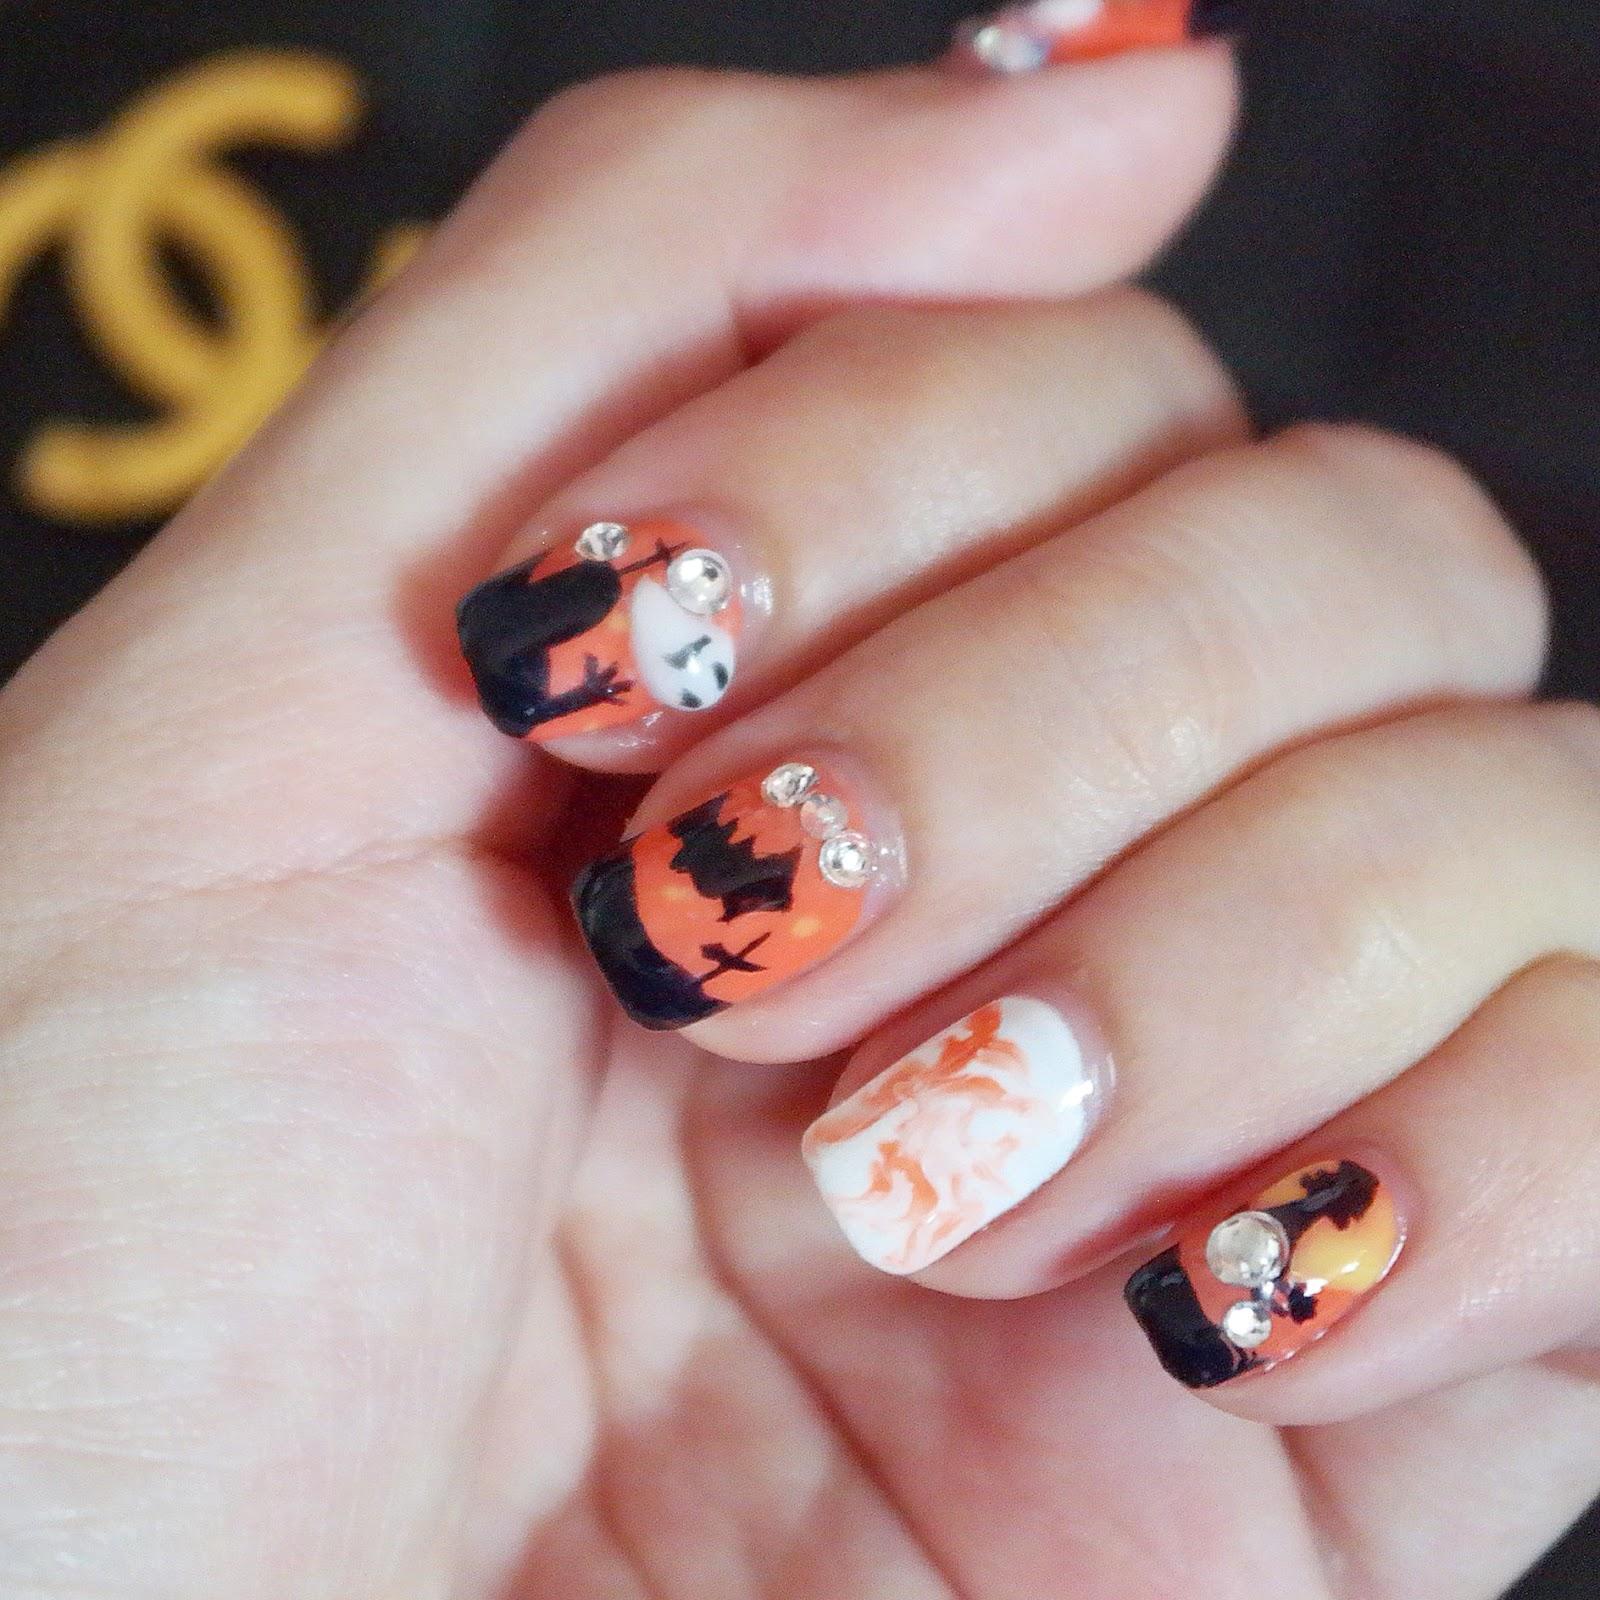 OYHZ (Hui Zi): StagelookNails - Halloween!